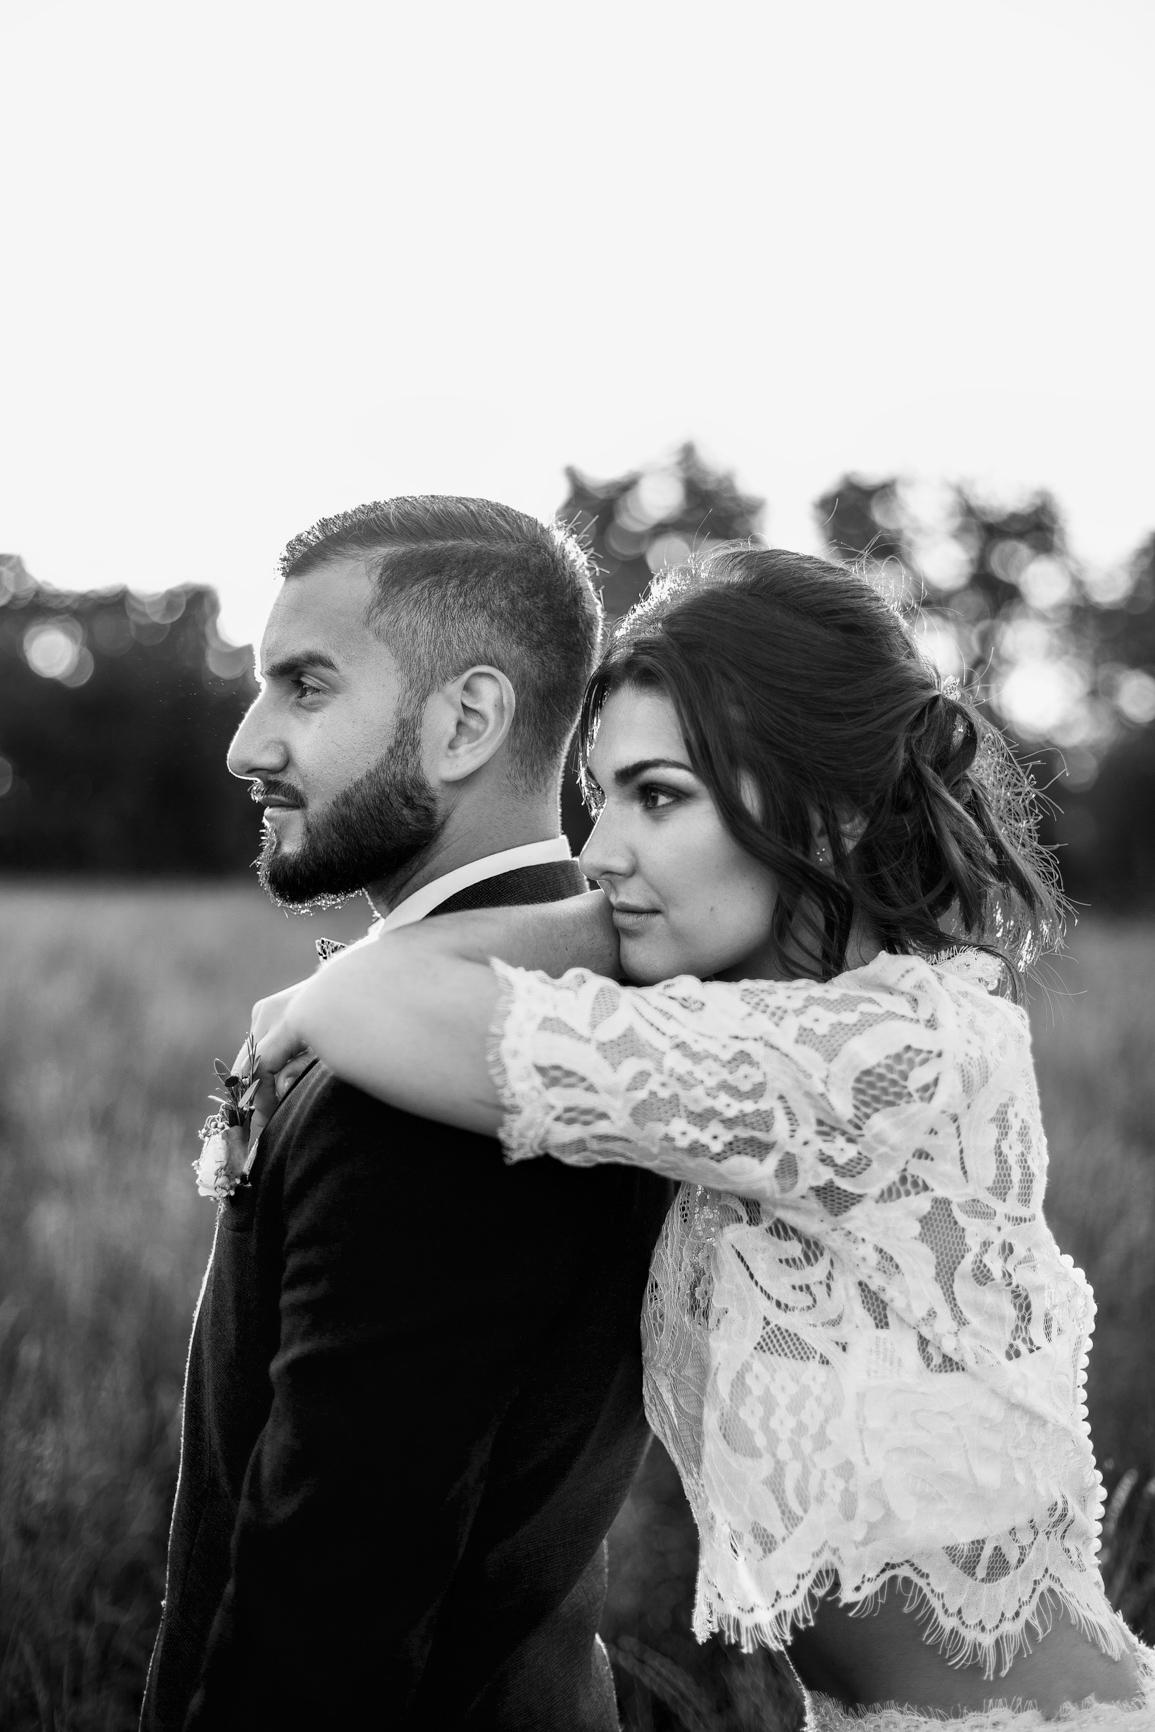 séance couple mariage Salon-de-Provence | Justine Maquart Photographe